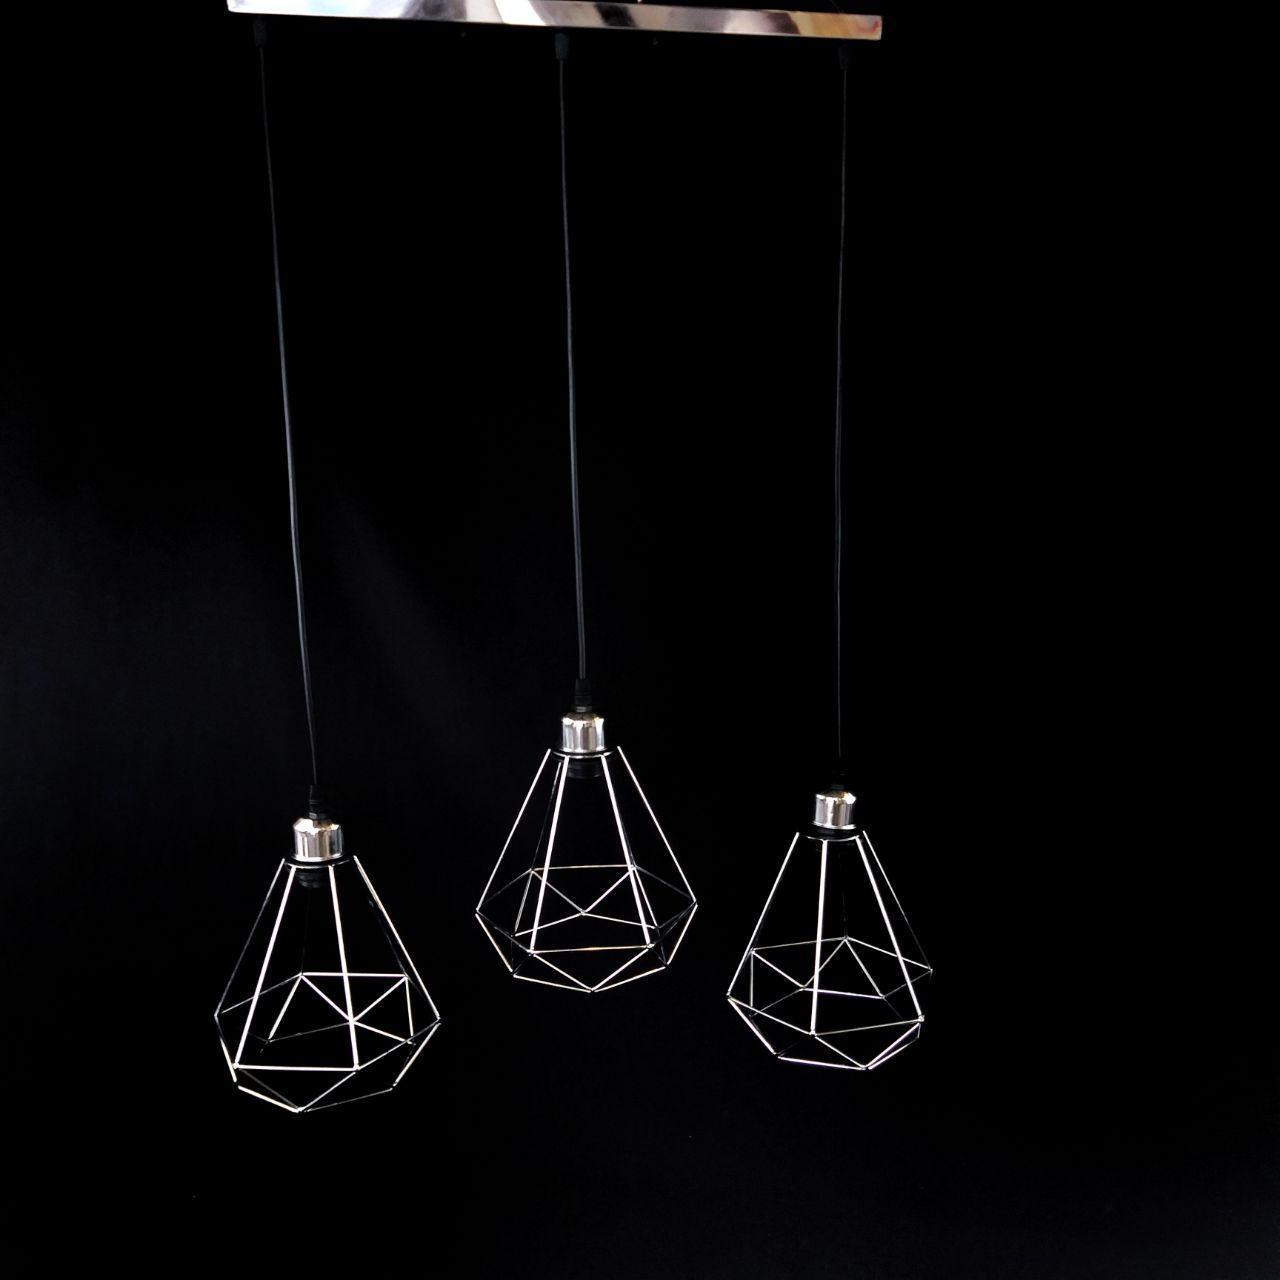 Люстра подвесная на 3 лампы лофт хром на черном проводе YS-TY056-3CH CR